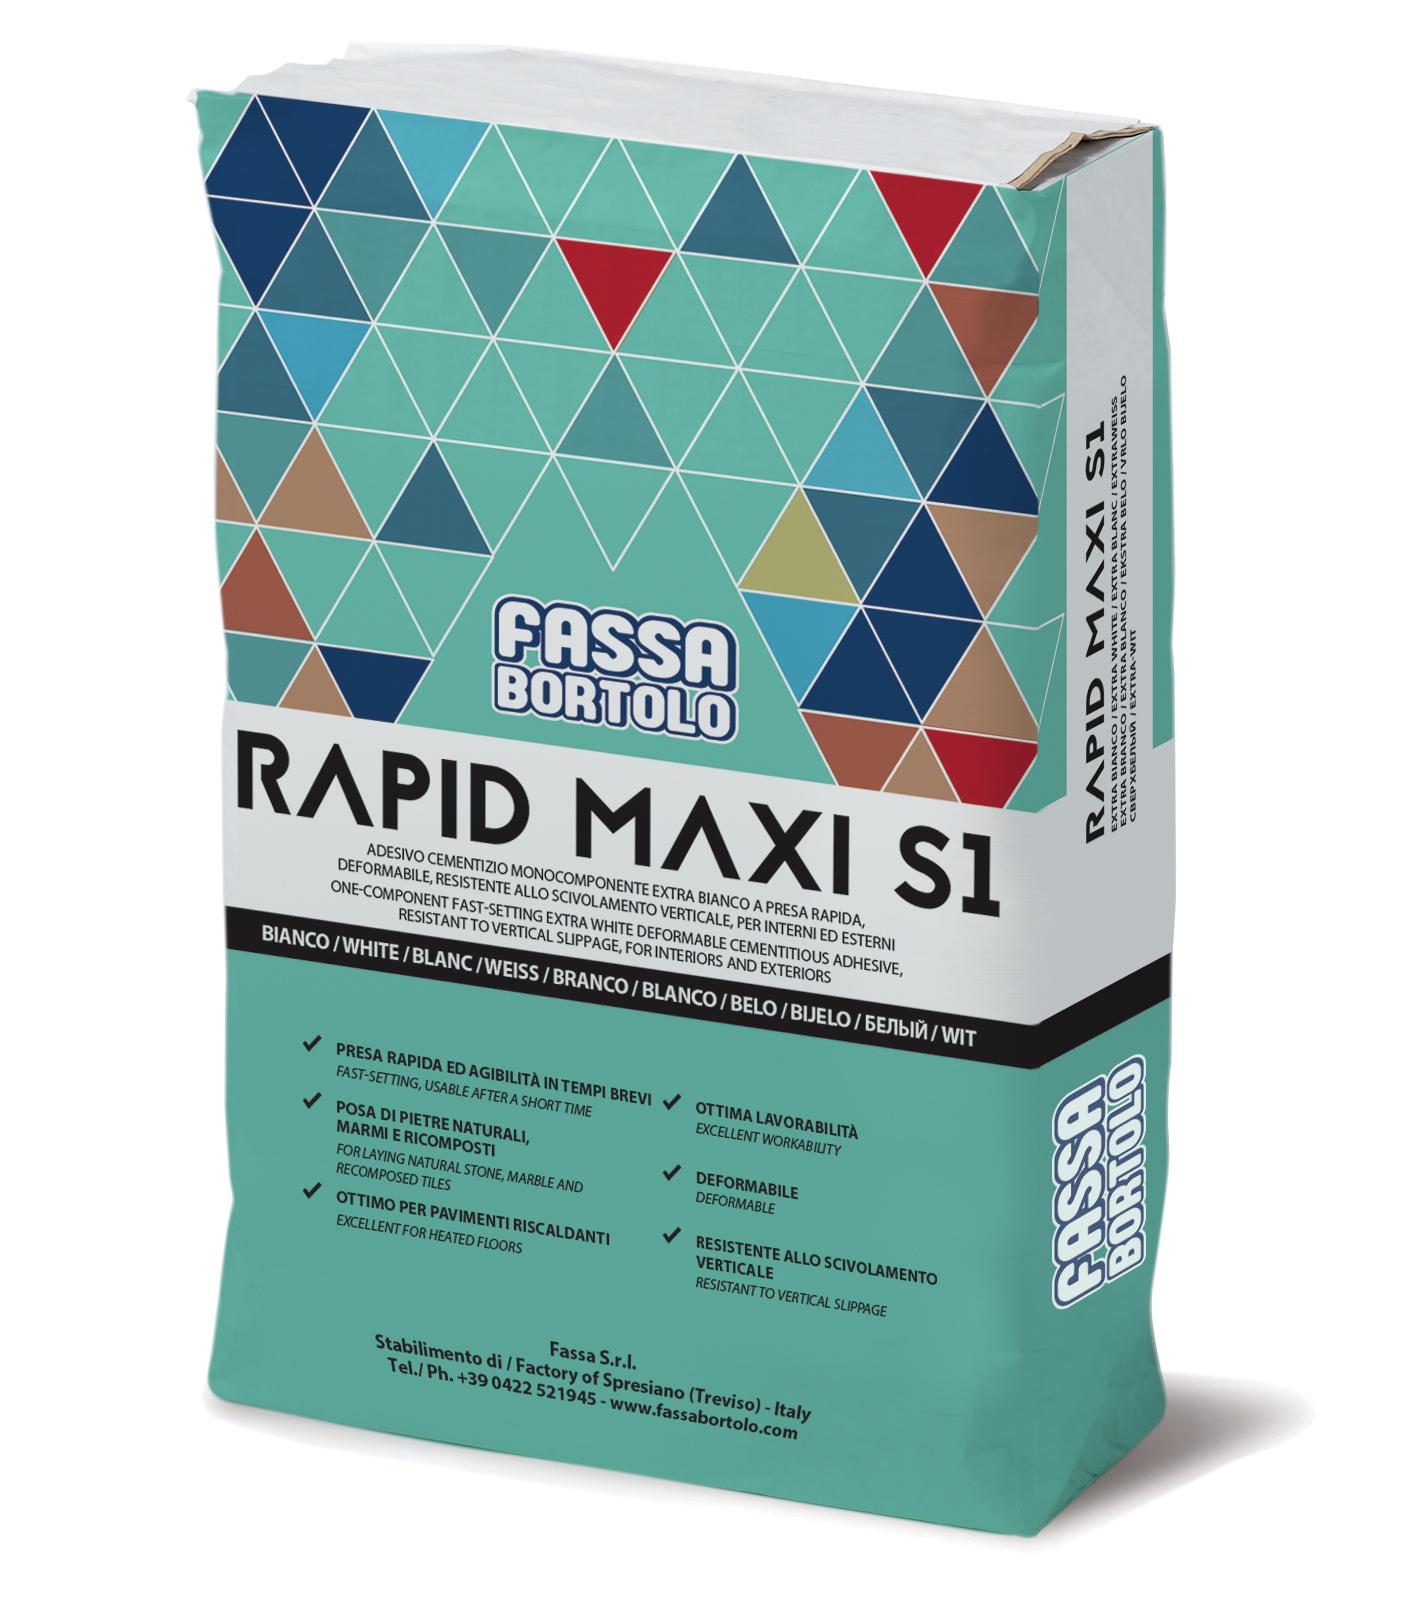 RAPID MAXI S1: Einkomponentiger Schnellkleber mit guter Elastizität in extraweiß und grau, für Boden- und Wandbeläge im Außen- und Innenbereich